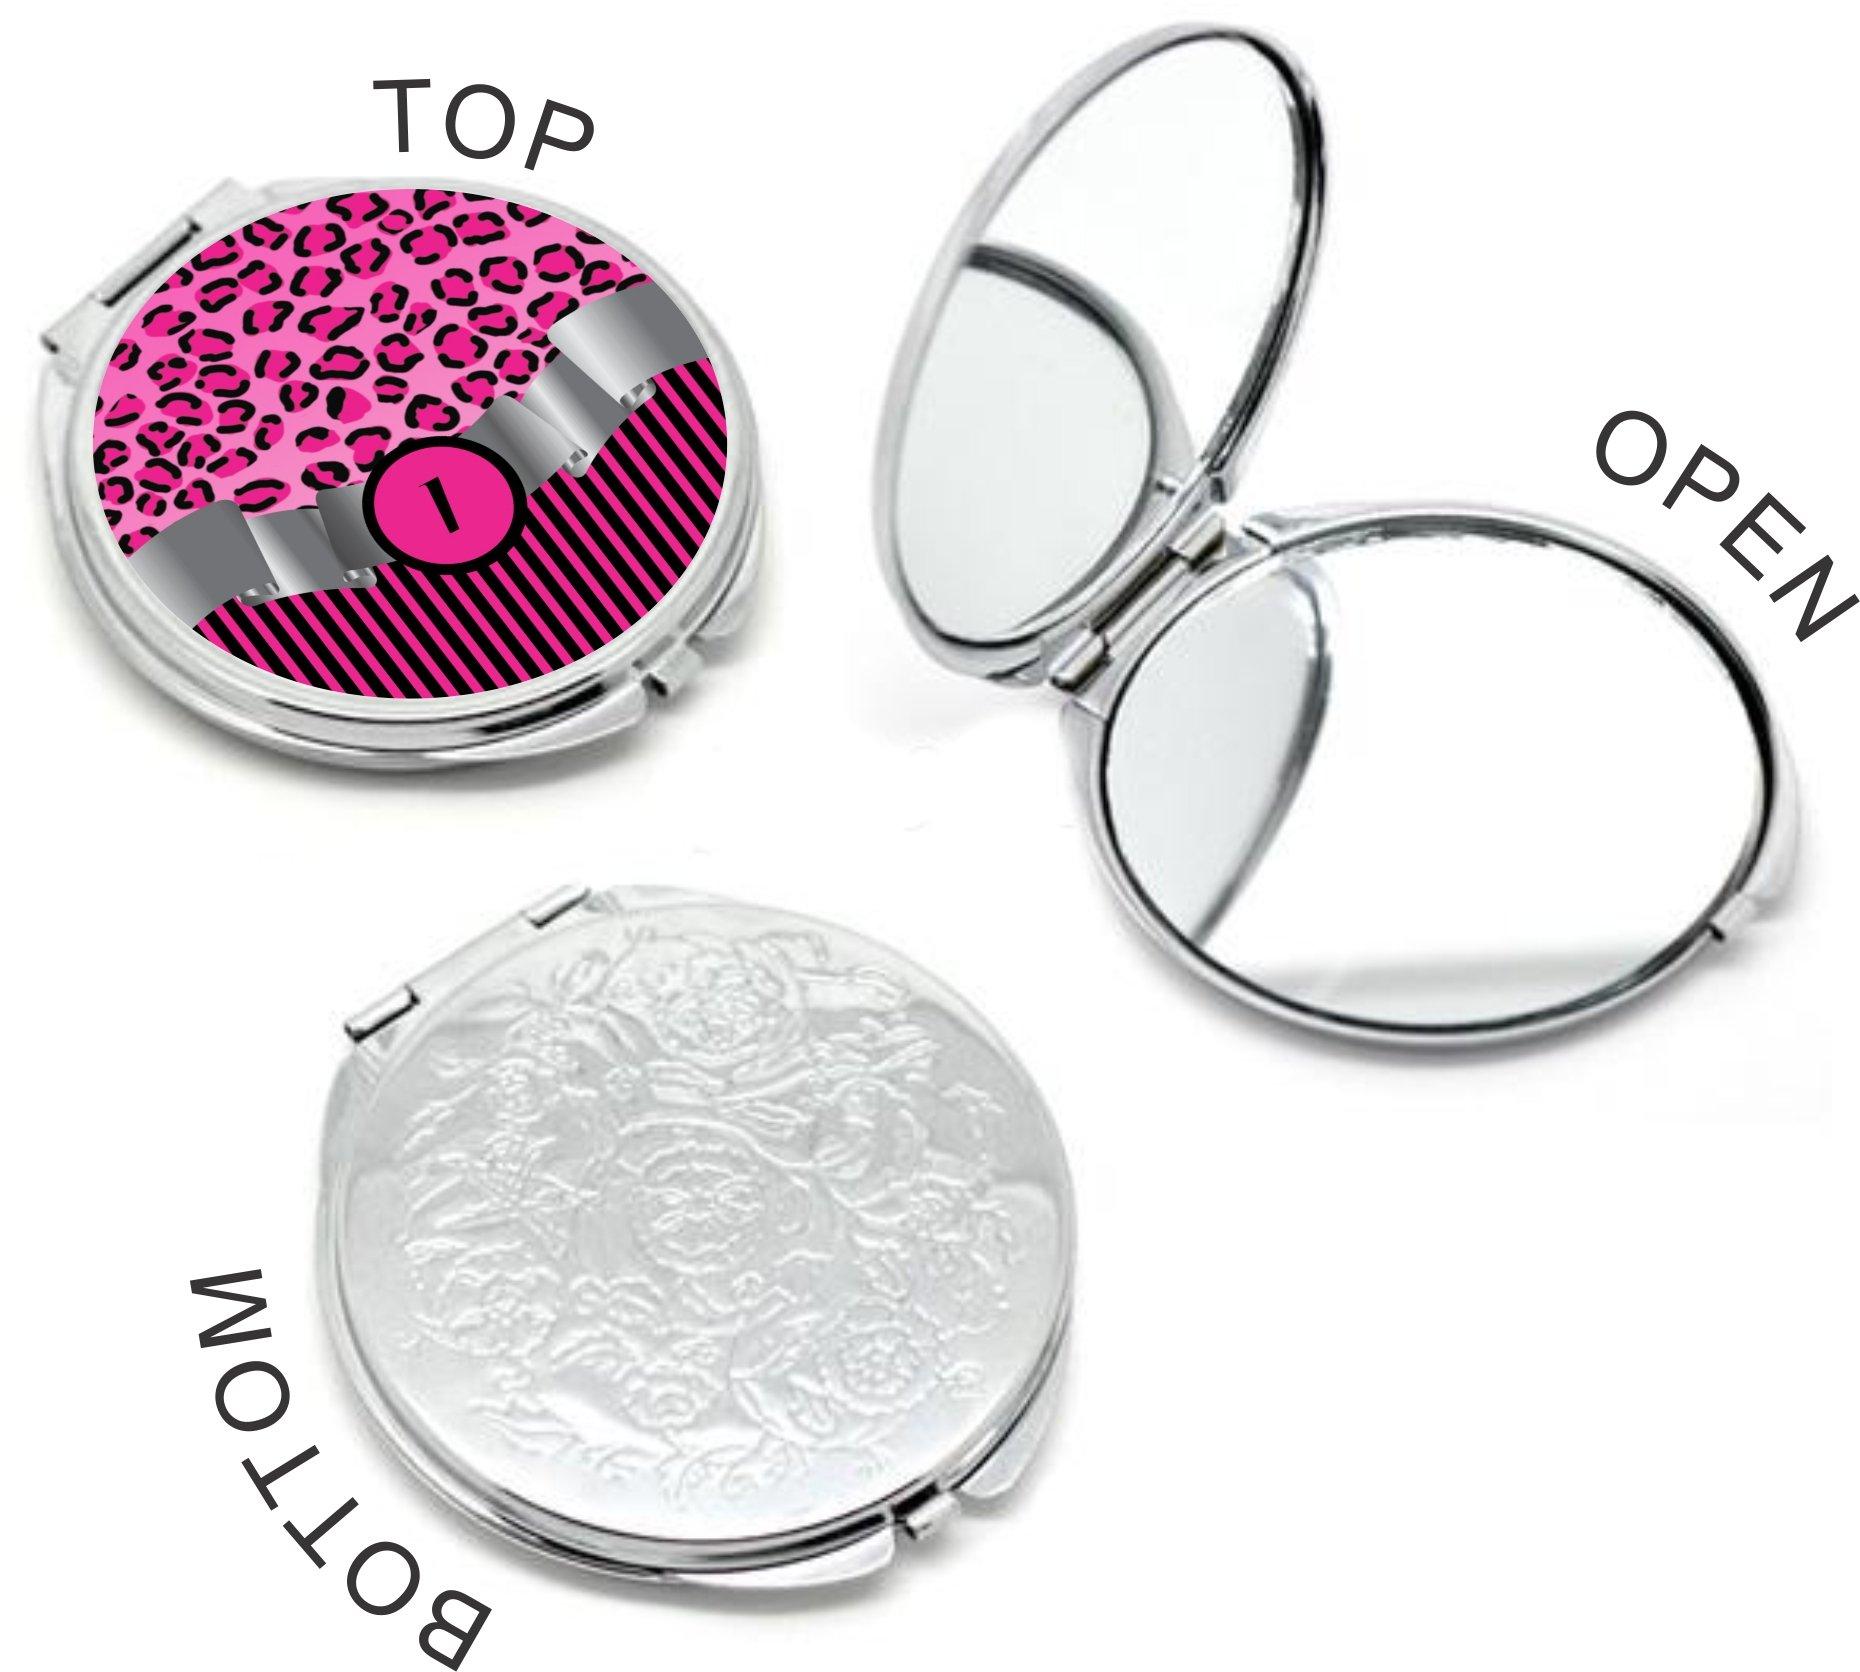 Rikki Knight Letter''I'' Hot Pink Leopard Print Stripes Monogram Design Round Compact Mirror